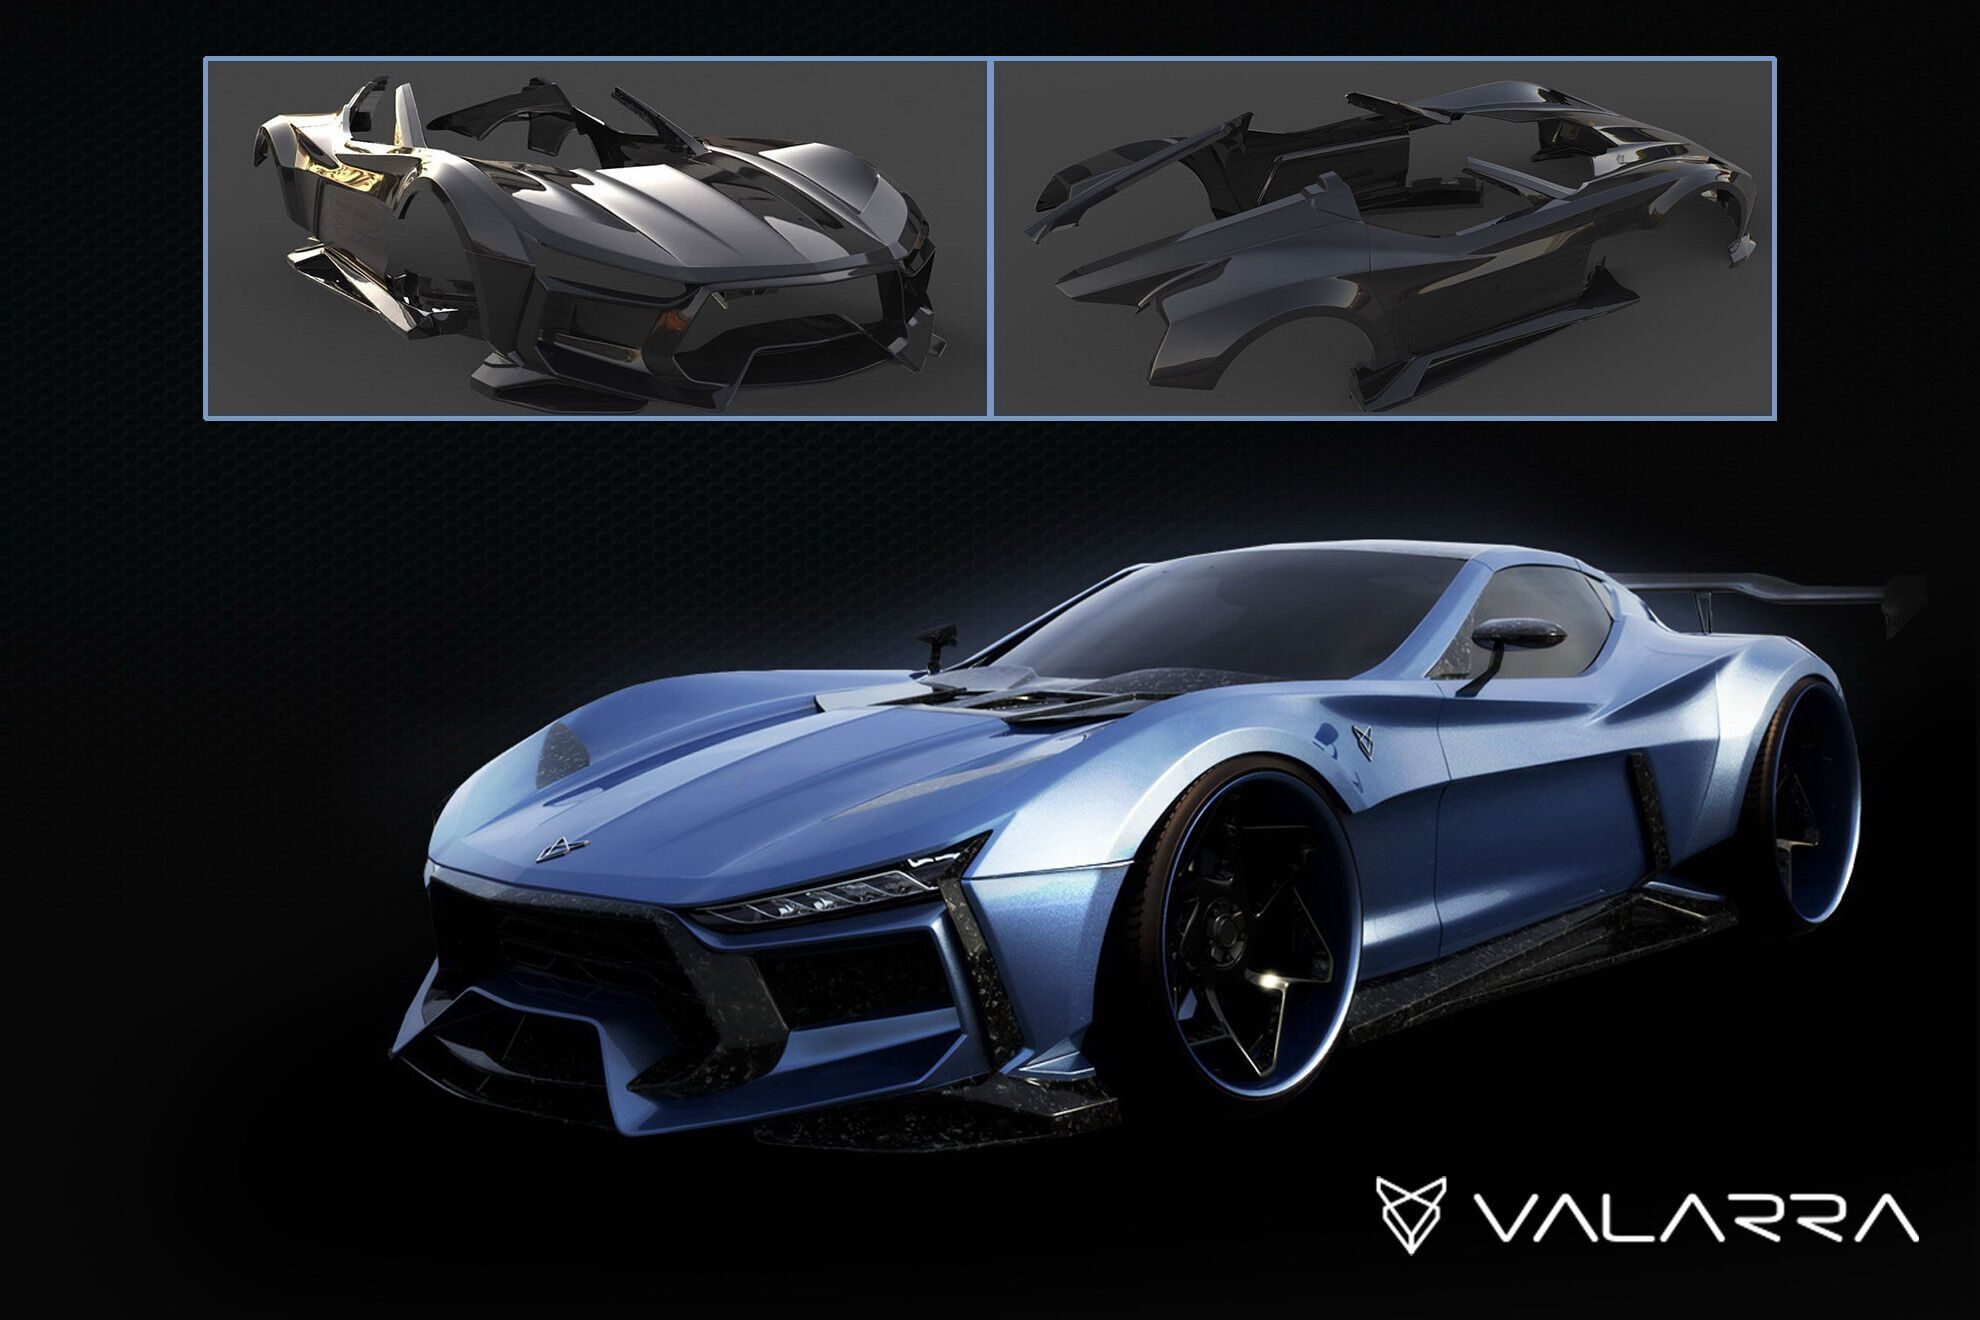 Дизайнеры и инженеры компании Valarra из Сент-Питерсберга, представили проект тюнинга для Chevrolet Corvette C6